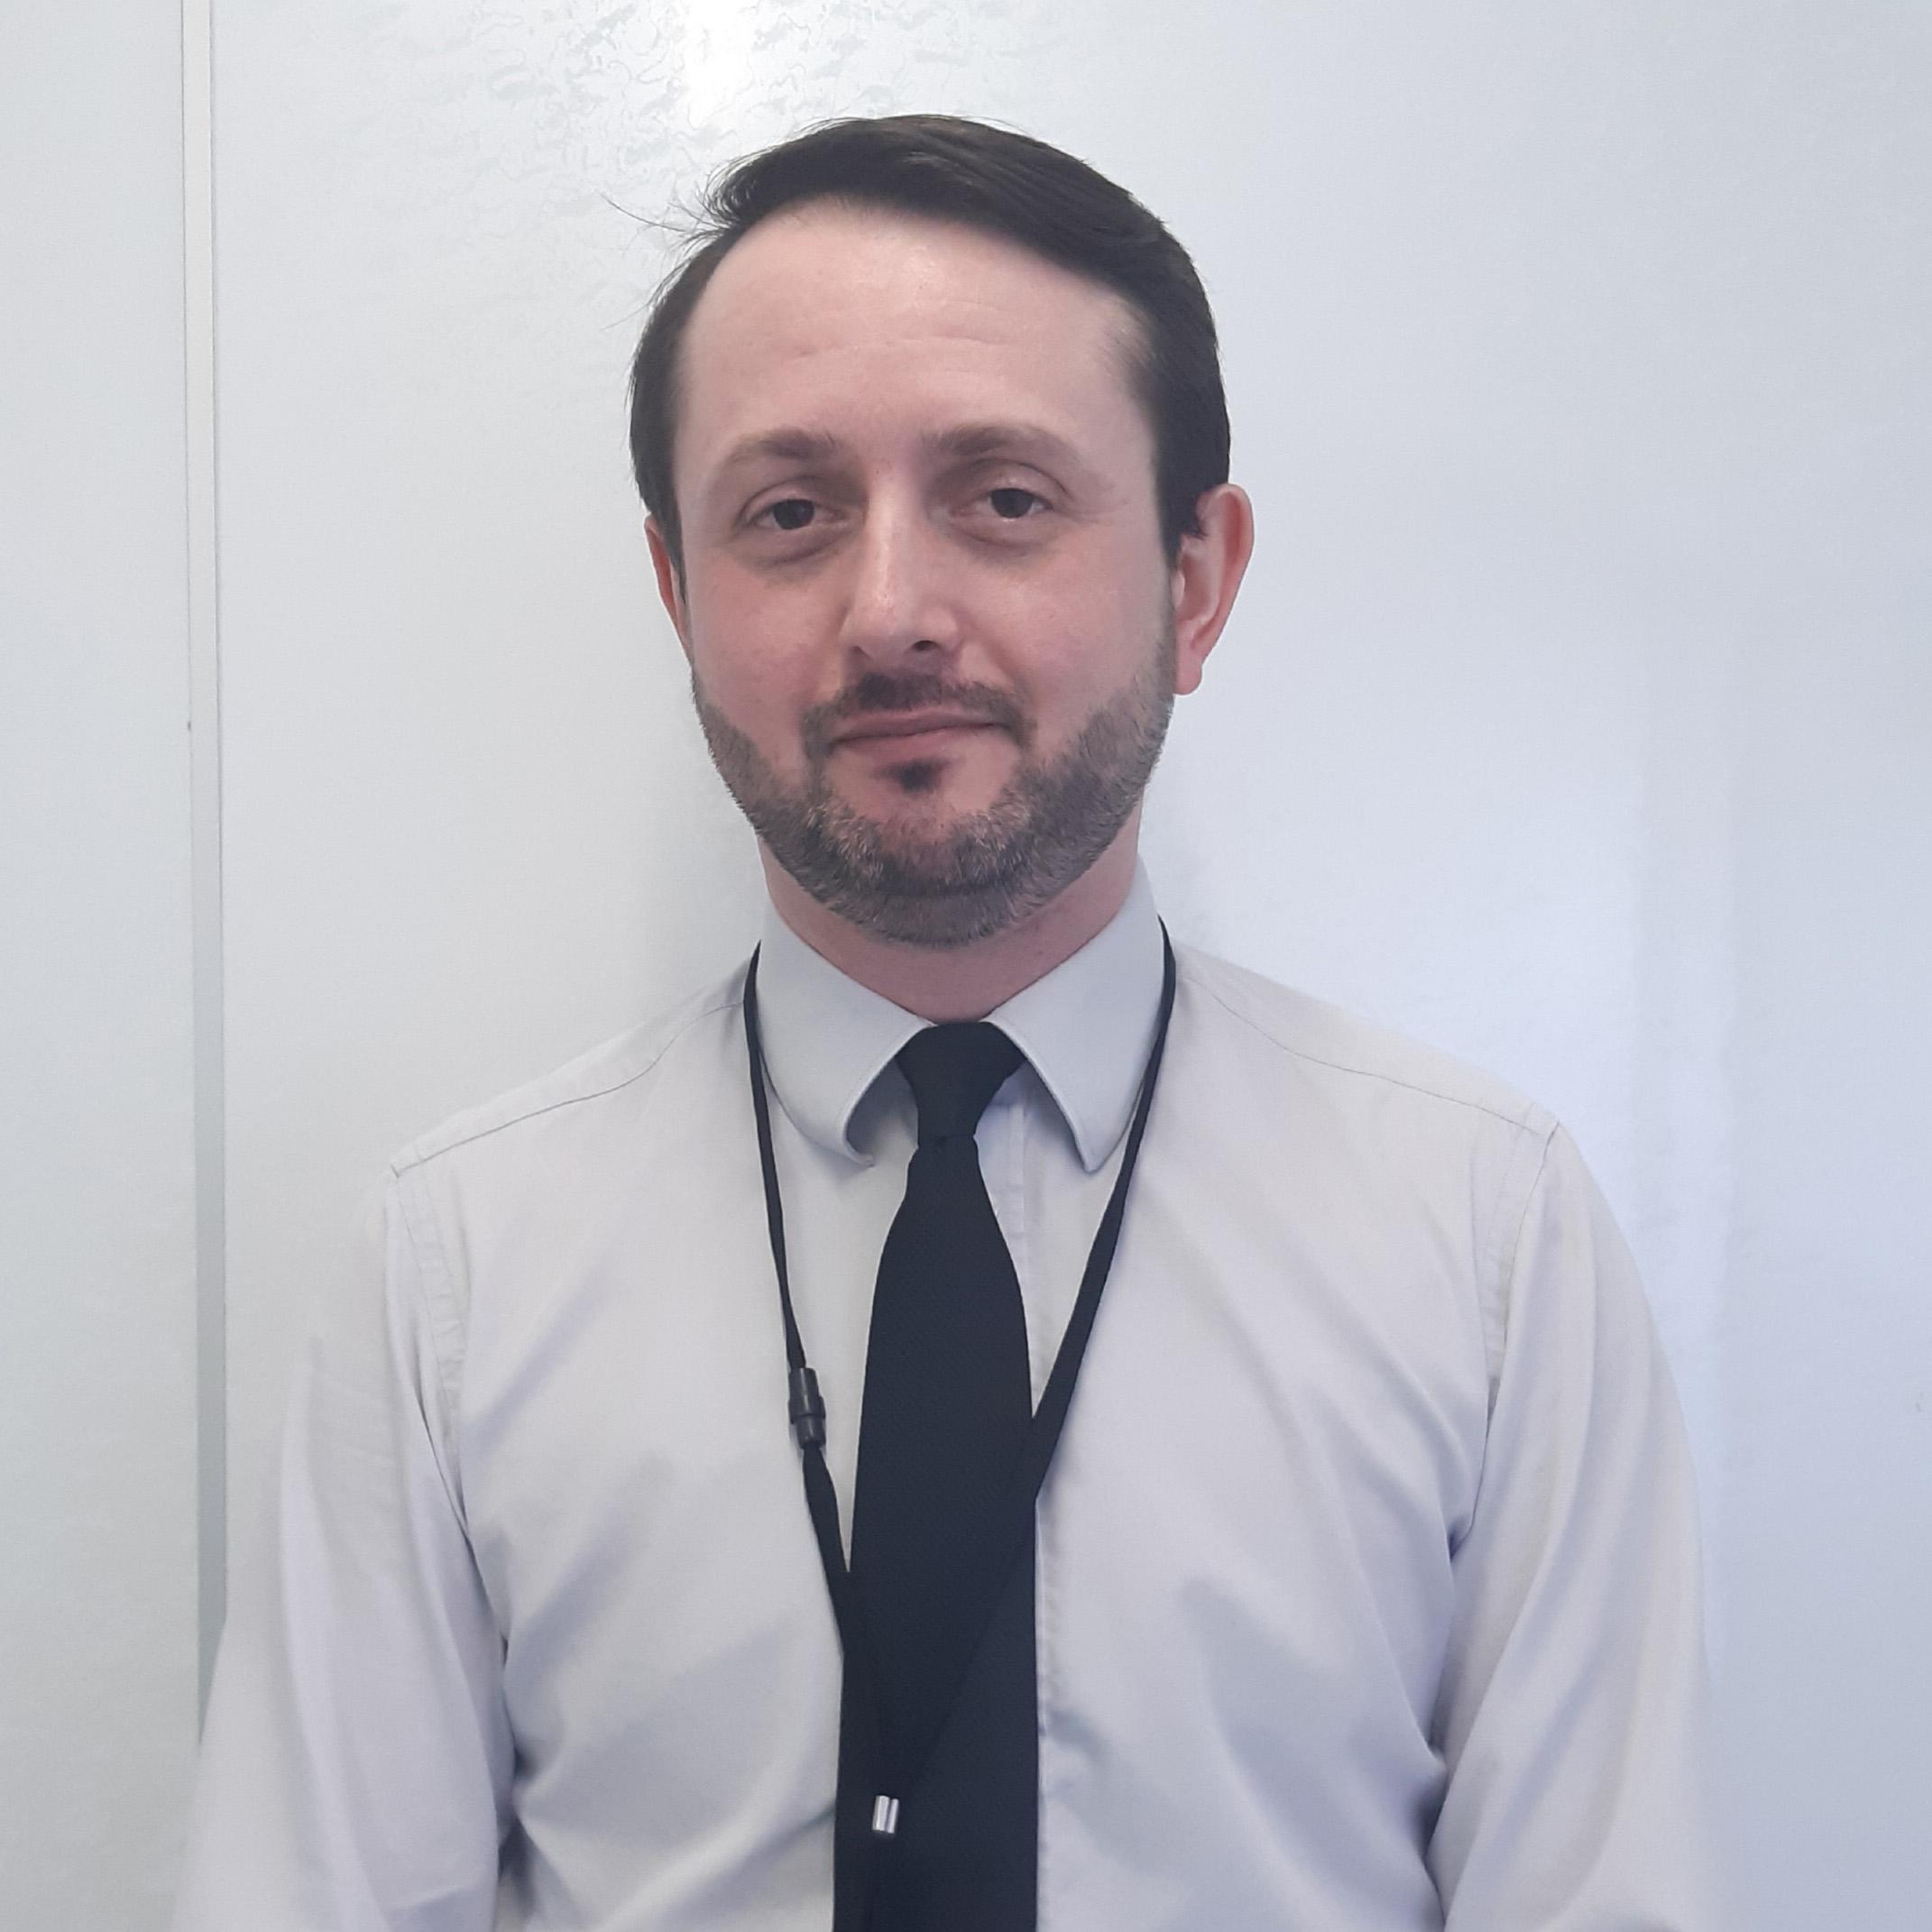 Bogdan Zytko, 37